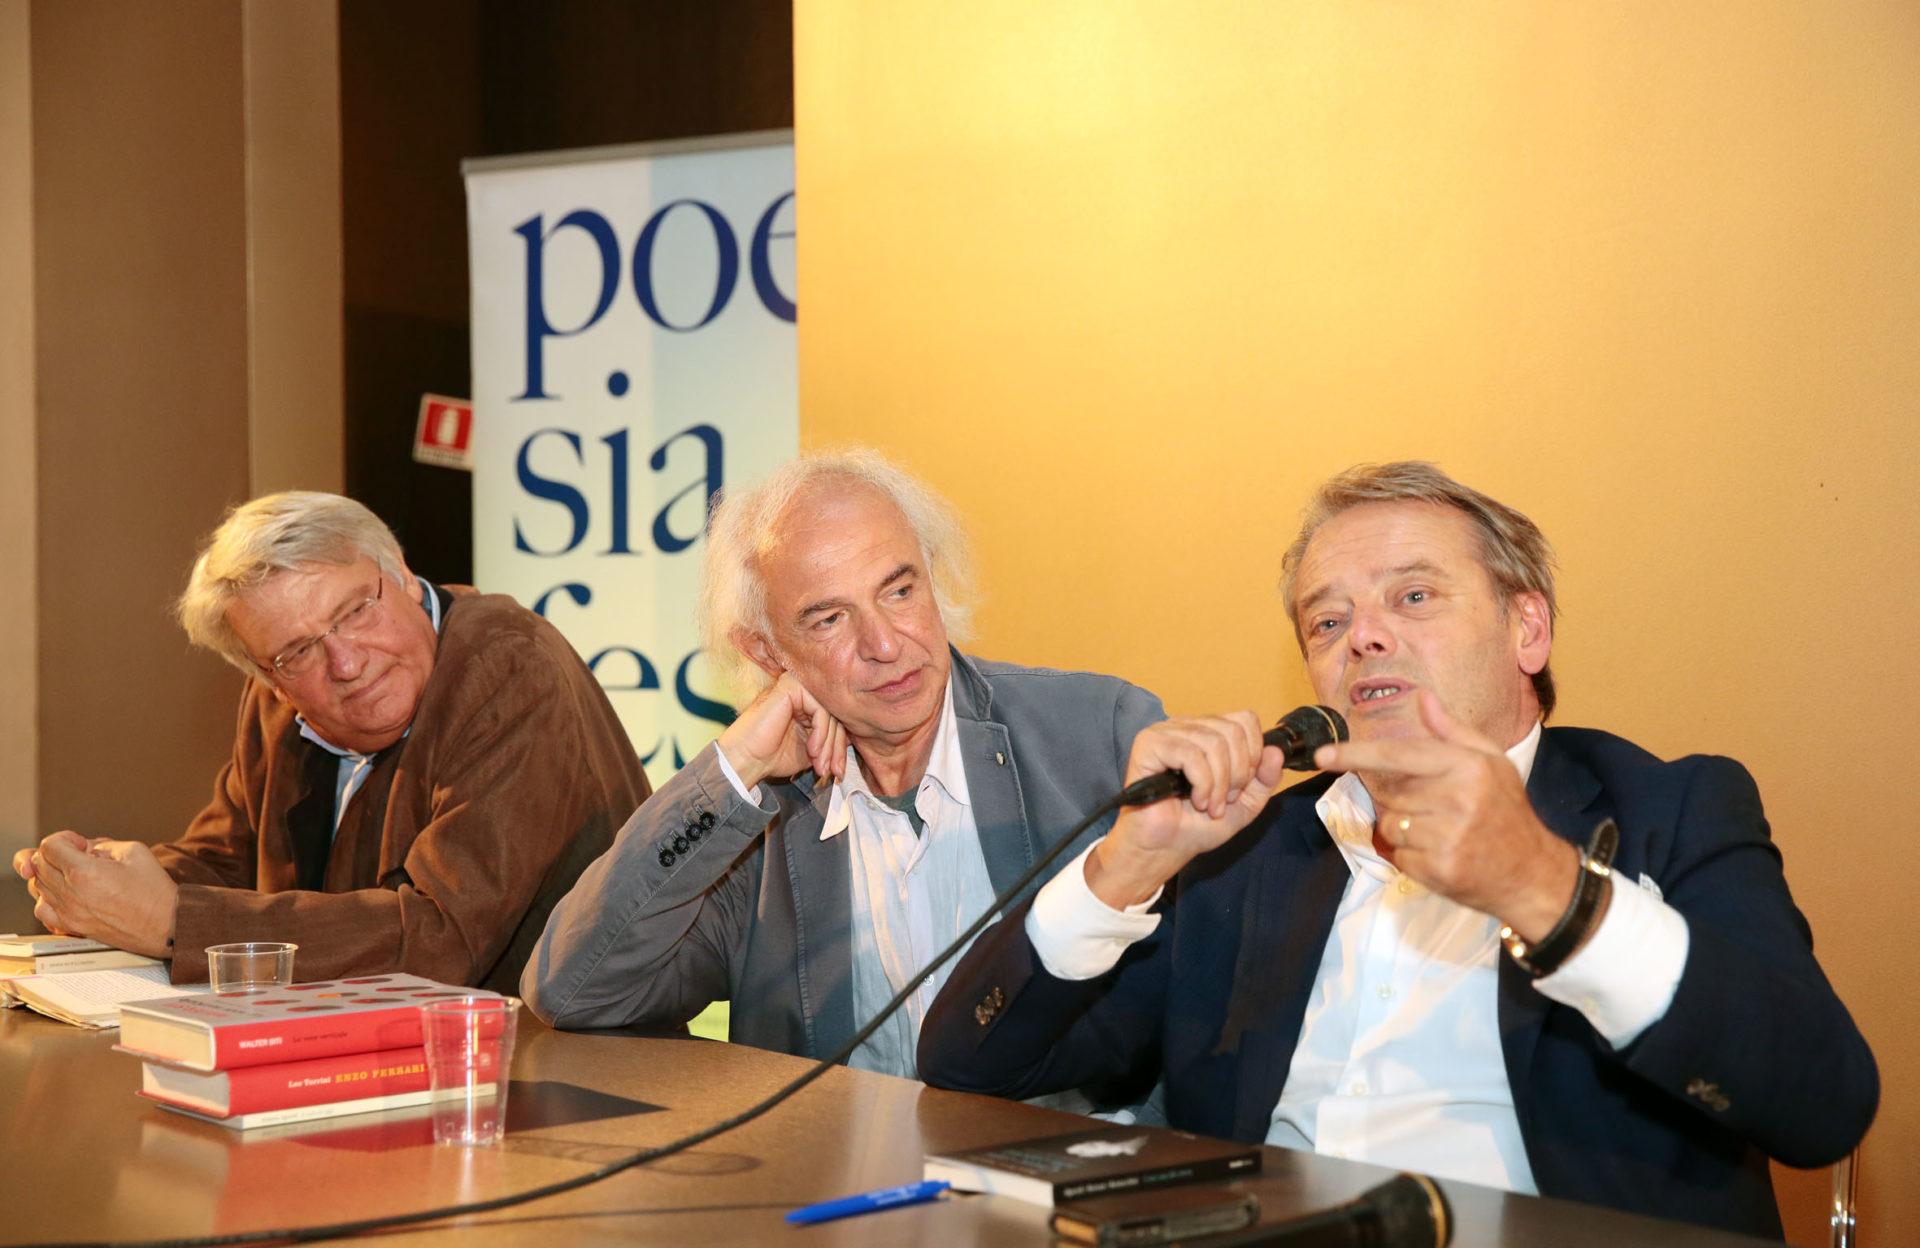 Alberto Bertoni, Roberto Alperoli e Leo Turrini - photo © Serena Campanini